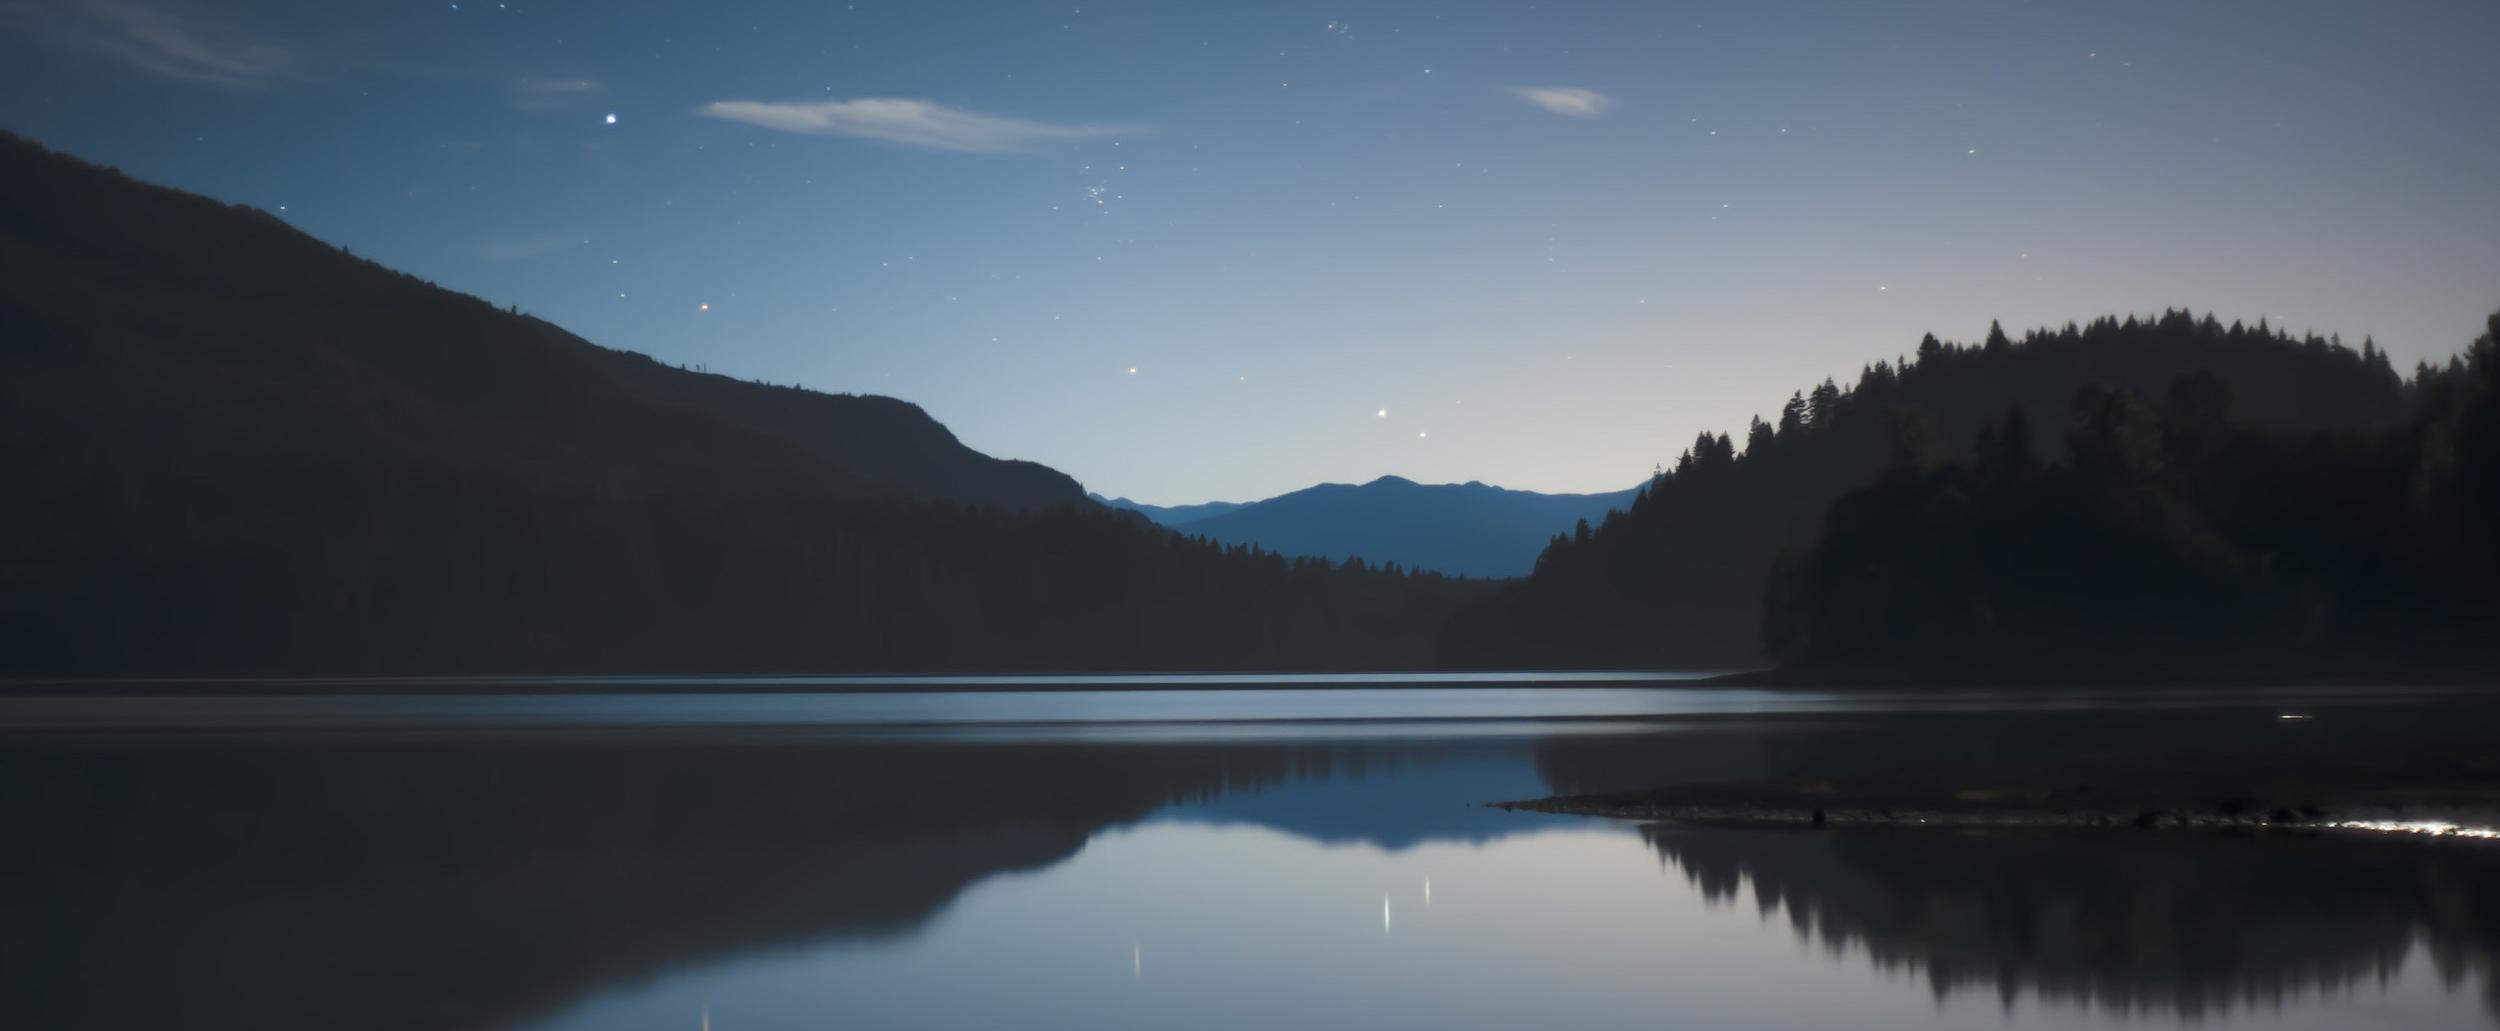 Midnight during a full moon at Baker Lake, Washington, USA.